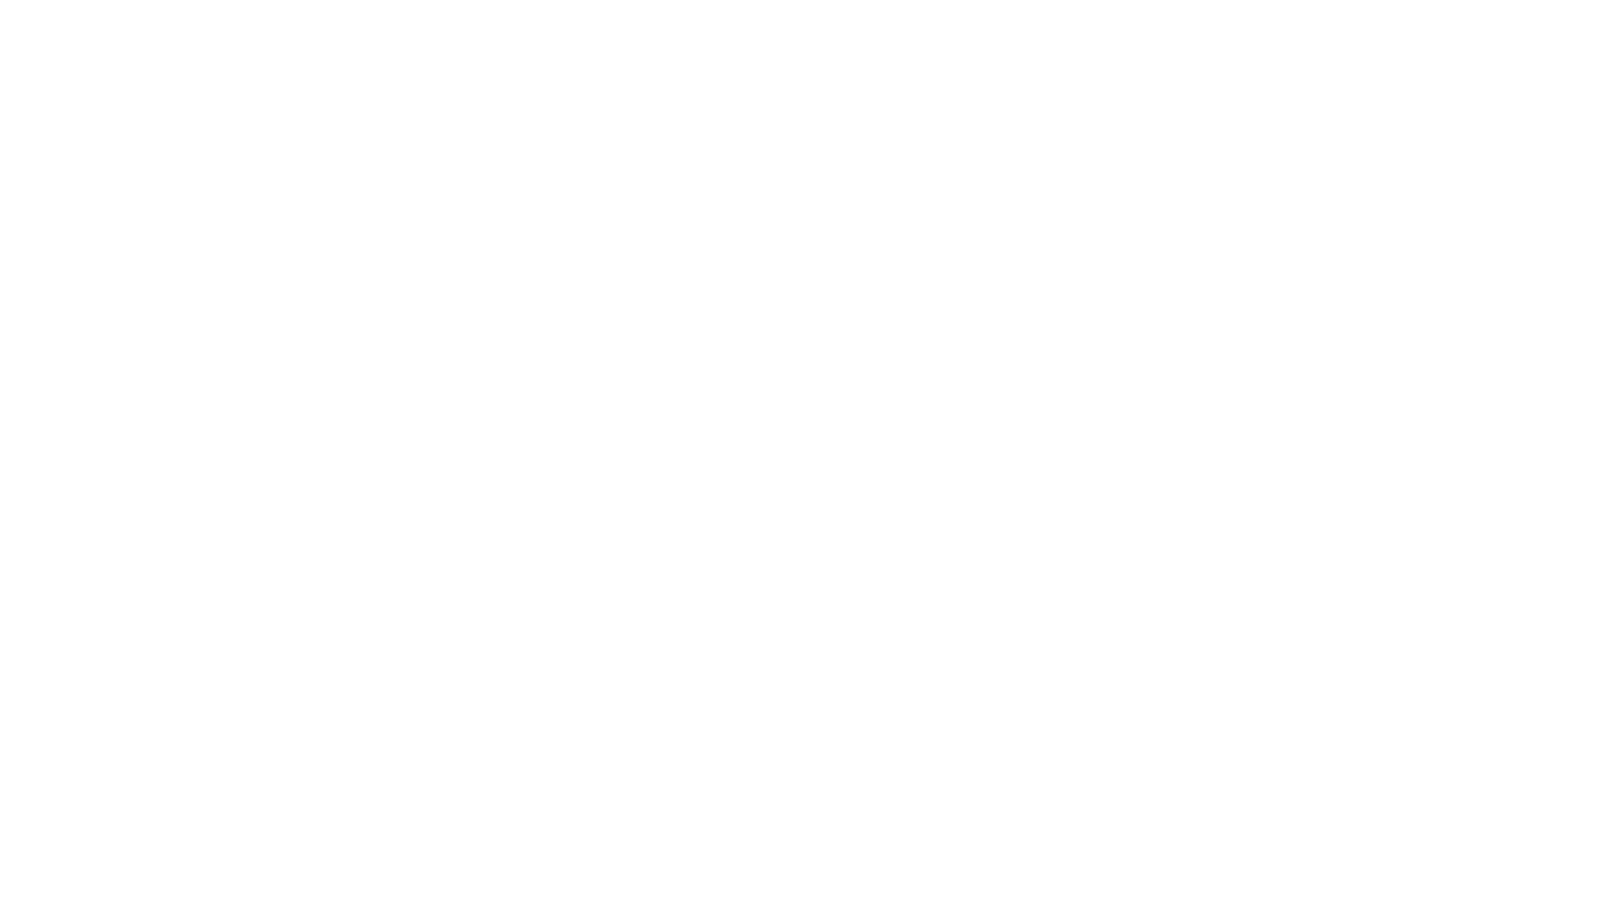 Not A Game, Promouvoir une mode responsable, du jeune créateur aux plus grandes maisons.  Sujet : On vest allé faire une séance d'upcycling avec Madenim dans le cadre des Masterclass de Amiens For Youth : Couture, Tie and Dye et Sérigraphie   #faguo #marquefrançaise #amiens  Lien de notre site : https://notagame-mag.com  Rejoins-nous sur nos réseaux sociaux :   Facebook : https://www.facebook.com/notagame.official  Instagram : https://www.instagram.com/notagame.official/  Amiens For Youth : https://www.instagram.com/amiensfory0uth/  Madenim : https://www.instagram.com/madenim.clothes/  Chwouia 🔈 https://www.instagram.com/chebakkiaa/